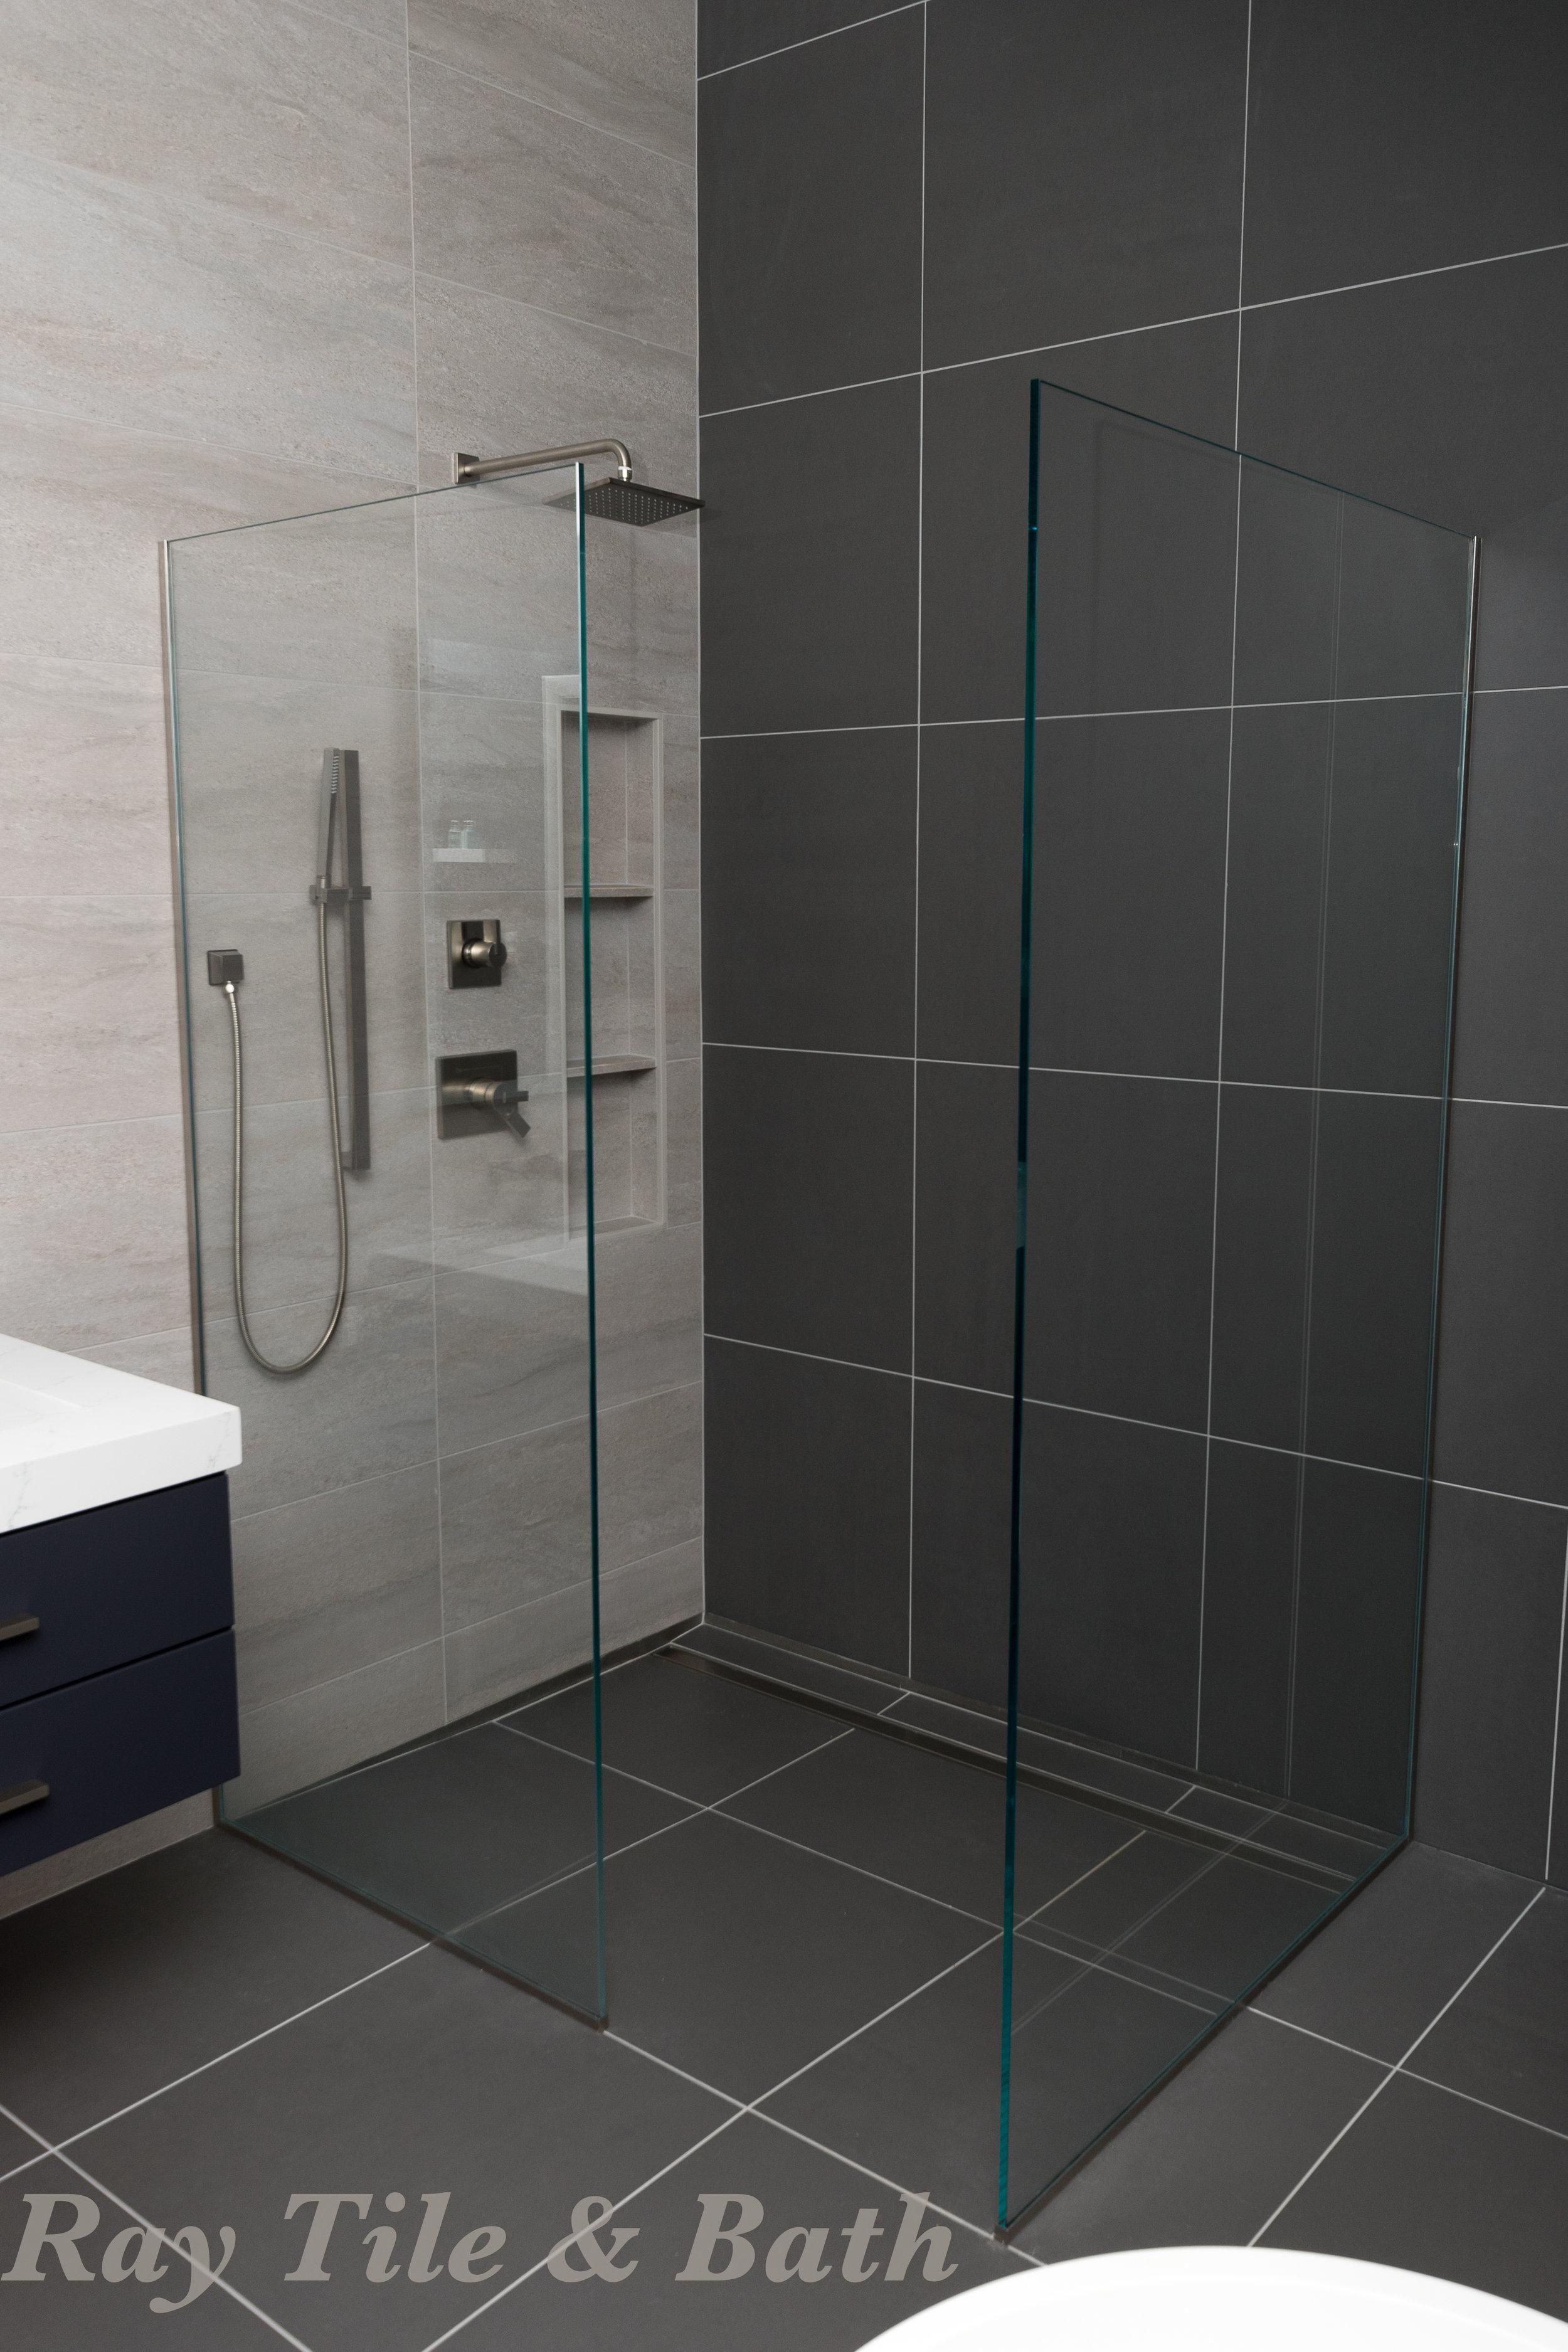 WM - New shower curbless doorless.jpg